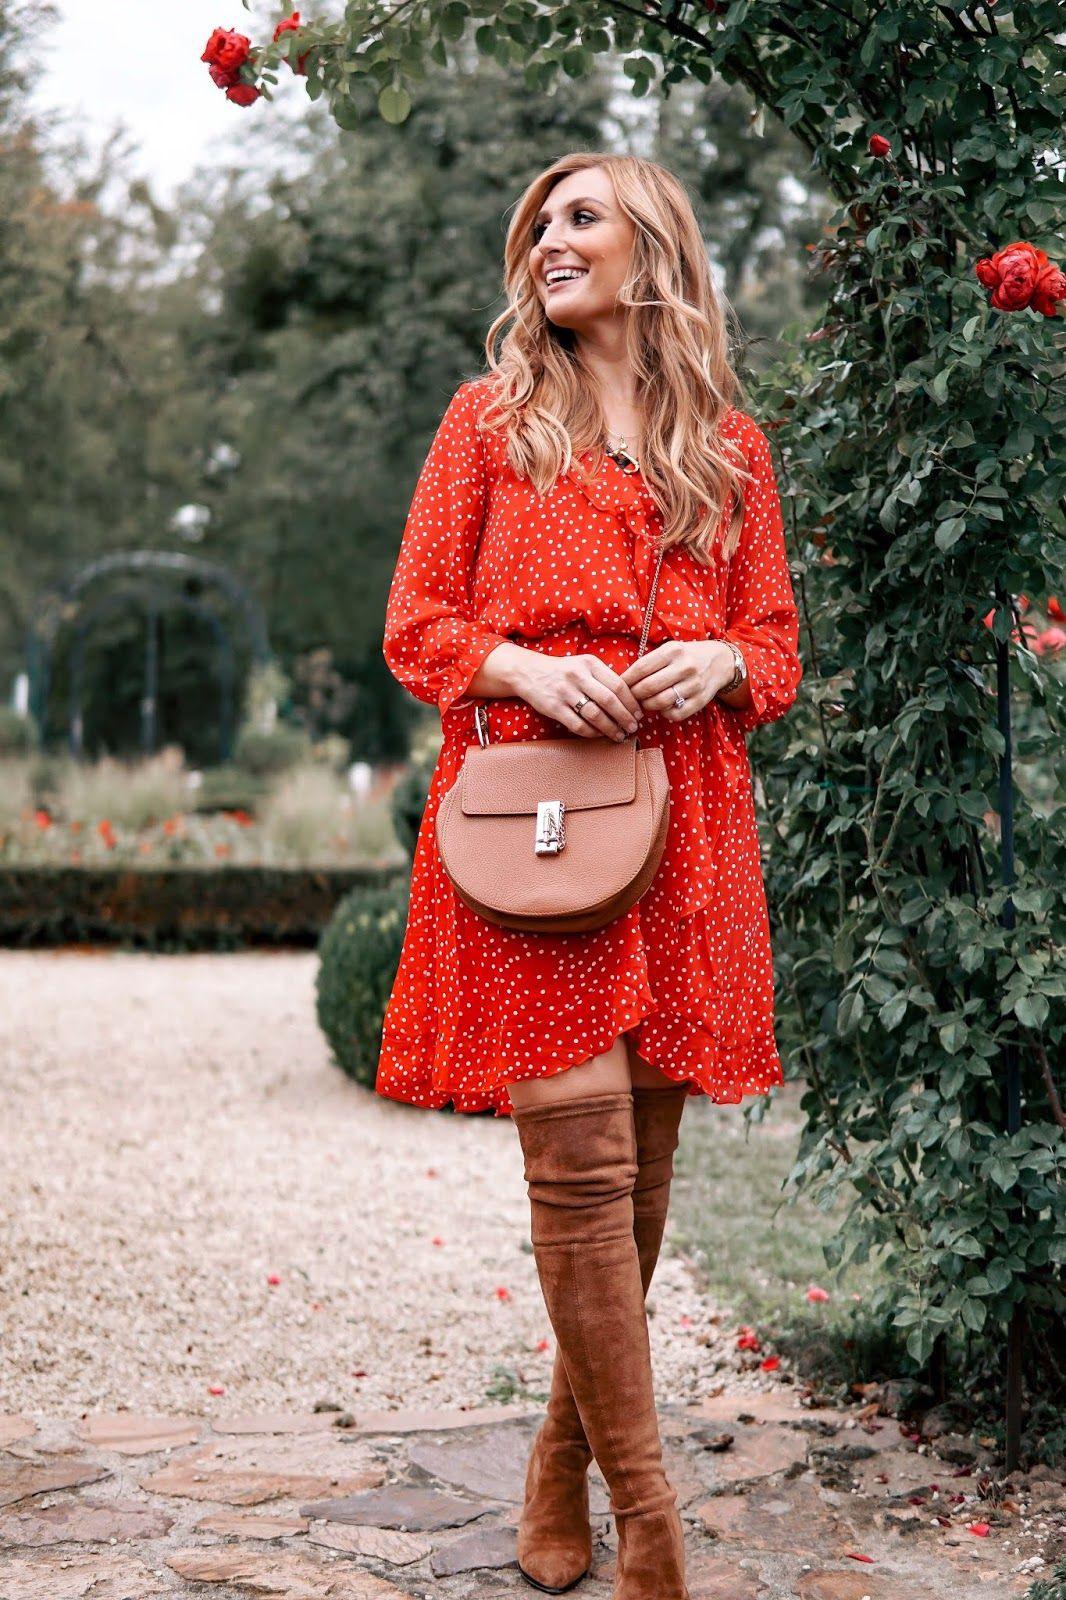 Wie Trägt Man Ein Rotes Kleid Im Herbst Mit Bildern